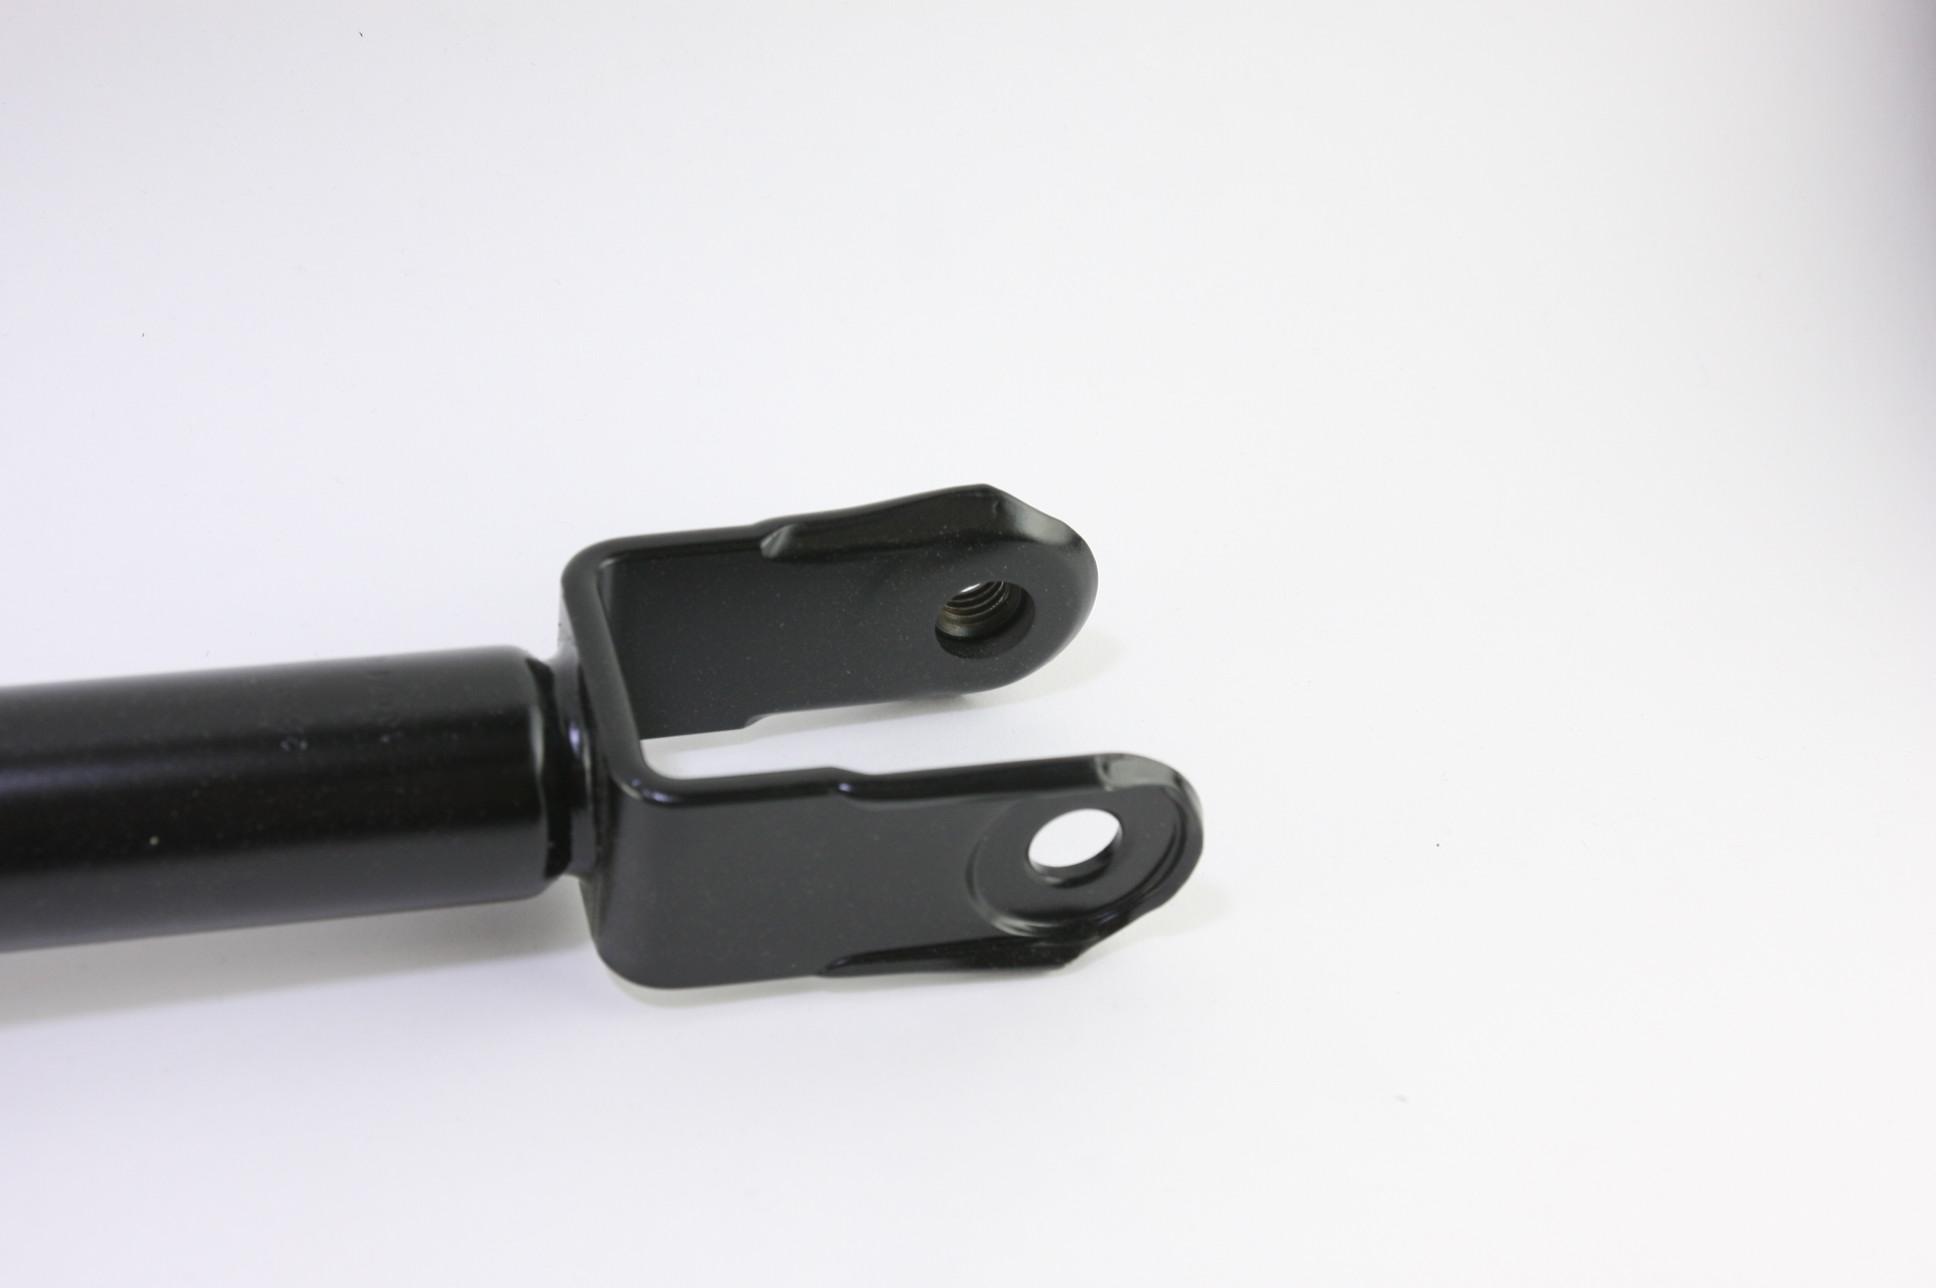 *** New OEM Jaguar XR843728 02-03 S Type 3.0L Front Shock Absorber Left Right - image 9